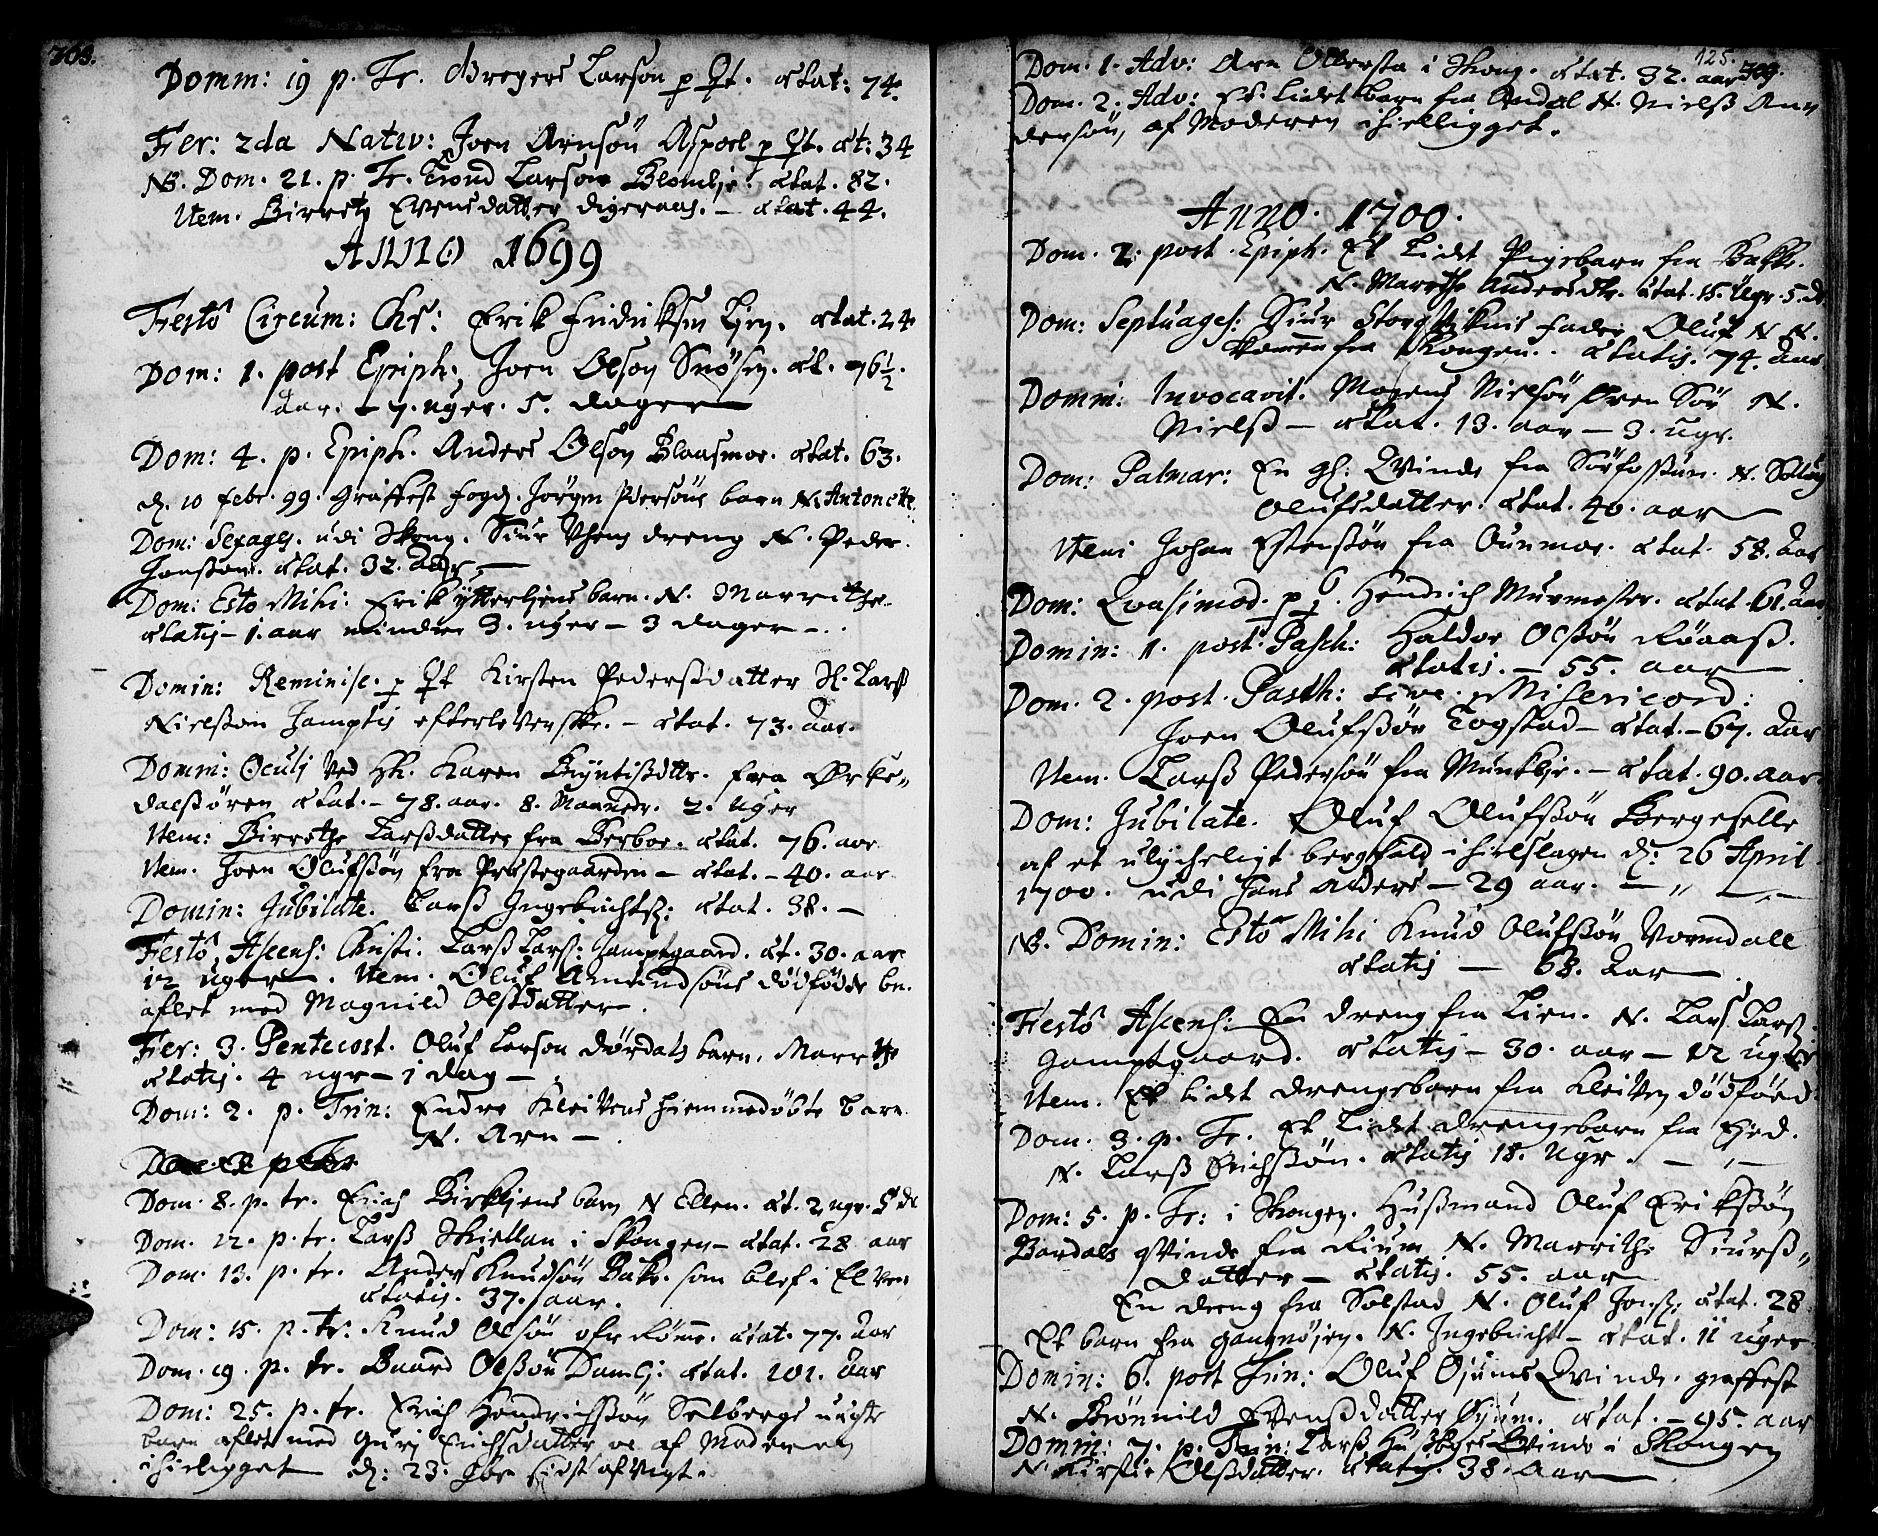 SAT, Ministerialprotokoller, klokkerbøker og fødselsregistre - Sør-Trøndelag, 668/L0801: Ministerialbok nr. 668A01, 1695-1716, s. 124-125